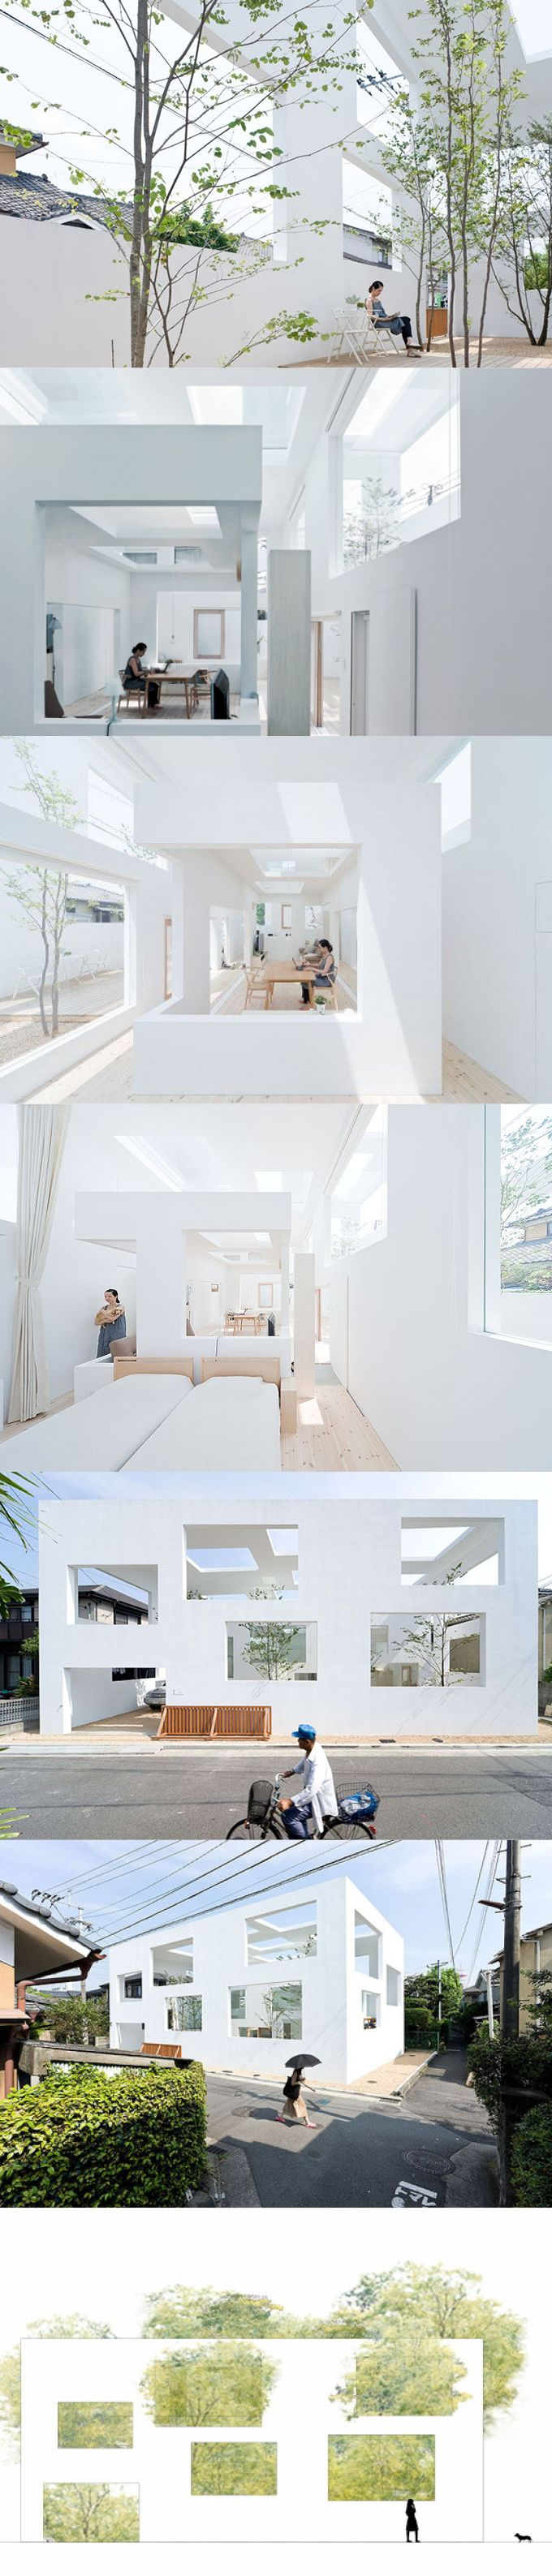 2012 Sou Fujimoto - House N / Oita Japan / white